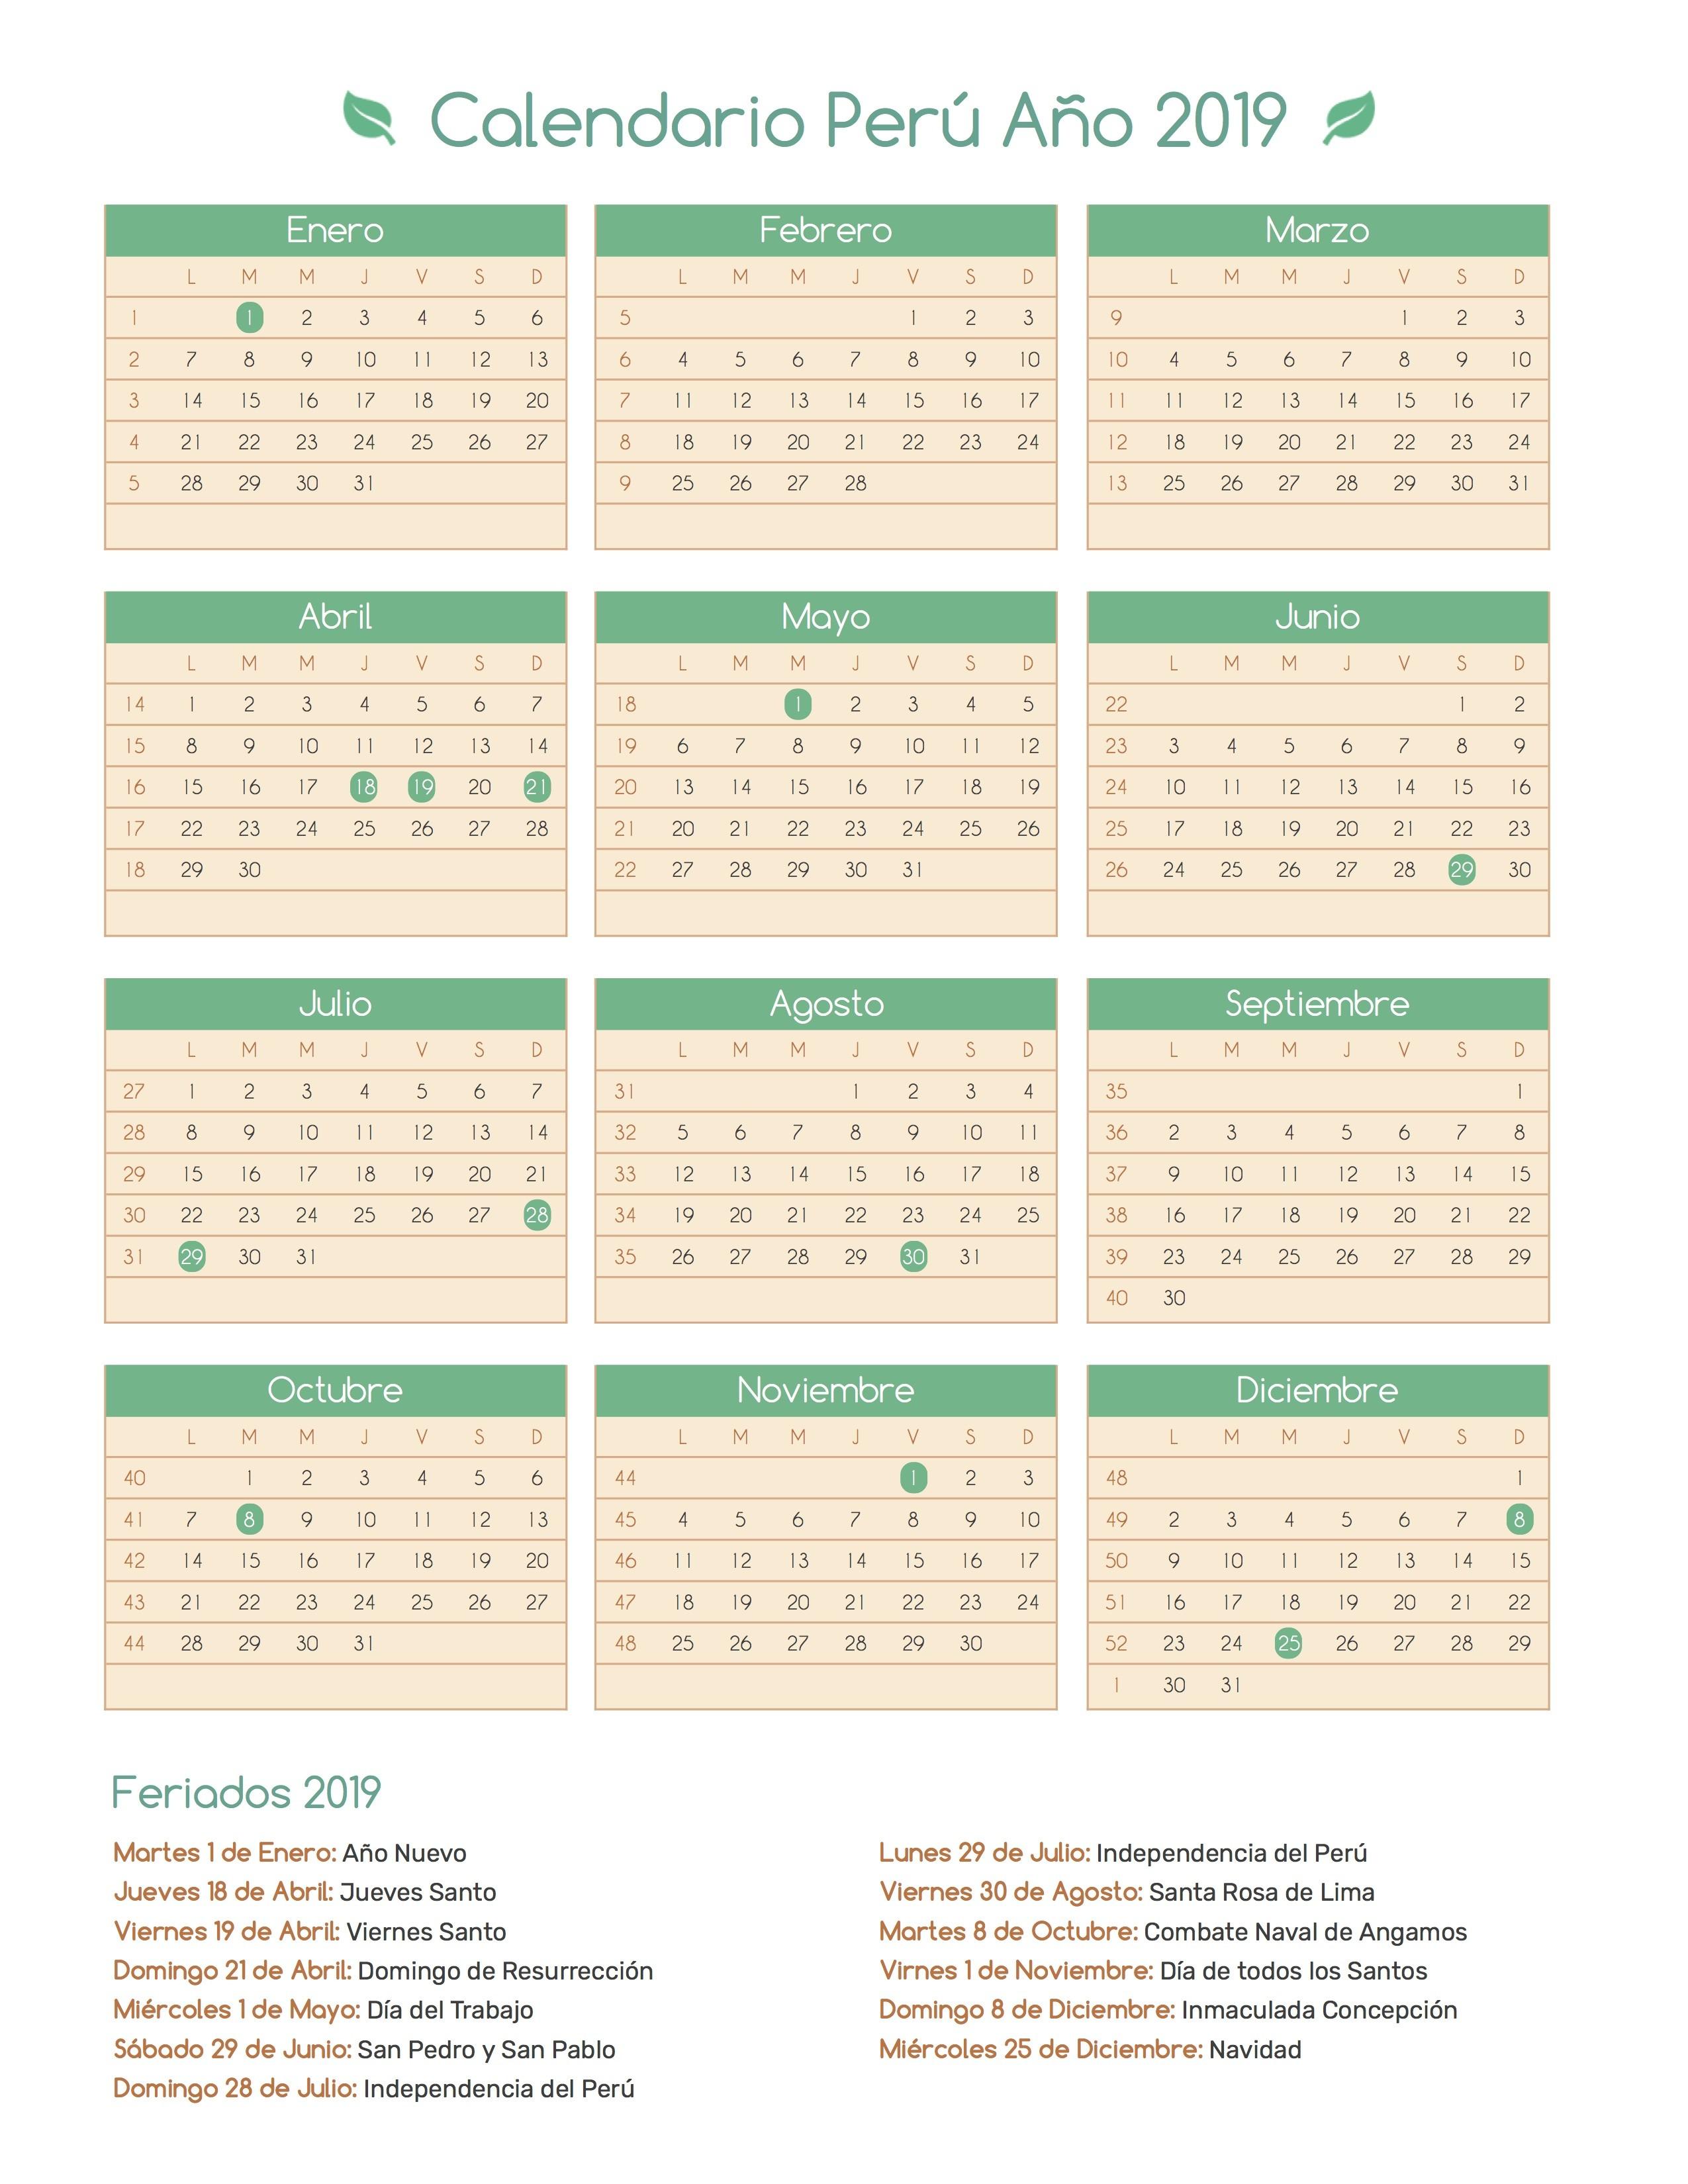 Calendario Lunar Enero 2019 Chile Más Populares Calendario Perº A±o 2019 Of Calendario Lunar Enero 2019 Chile Más Actual Pin De Calendario Hispano En Calendario Con Feriados A±o 2020